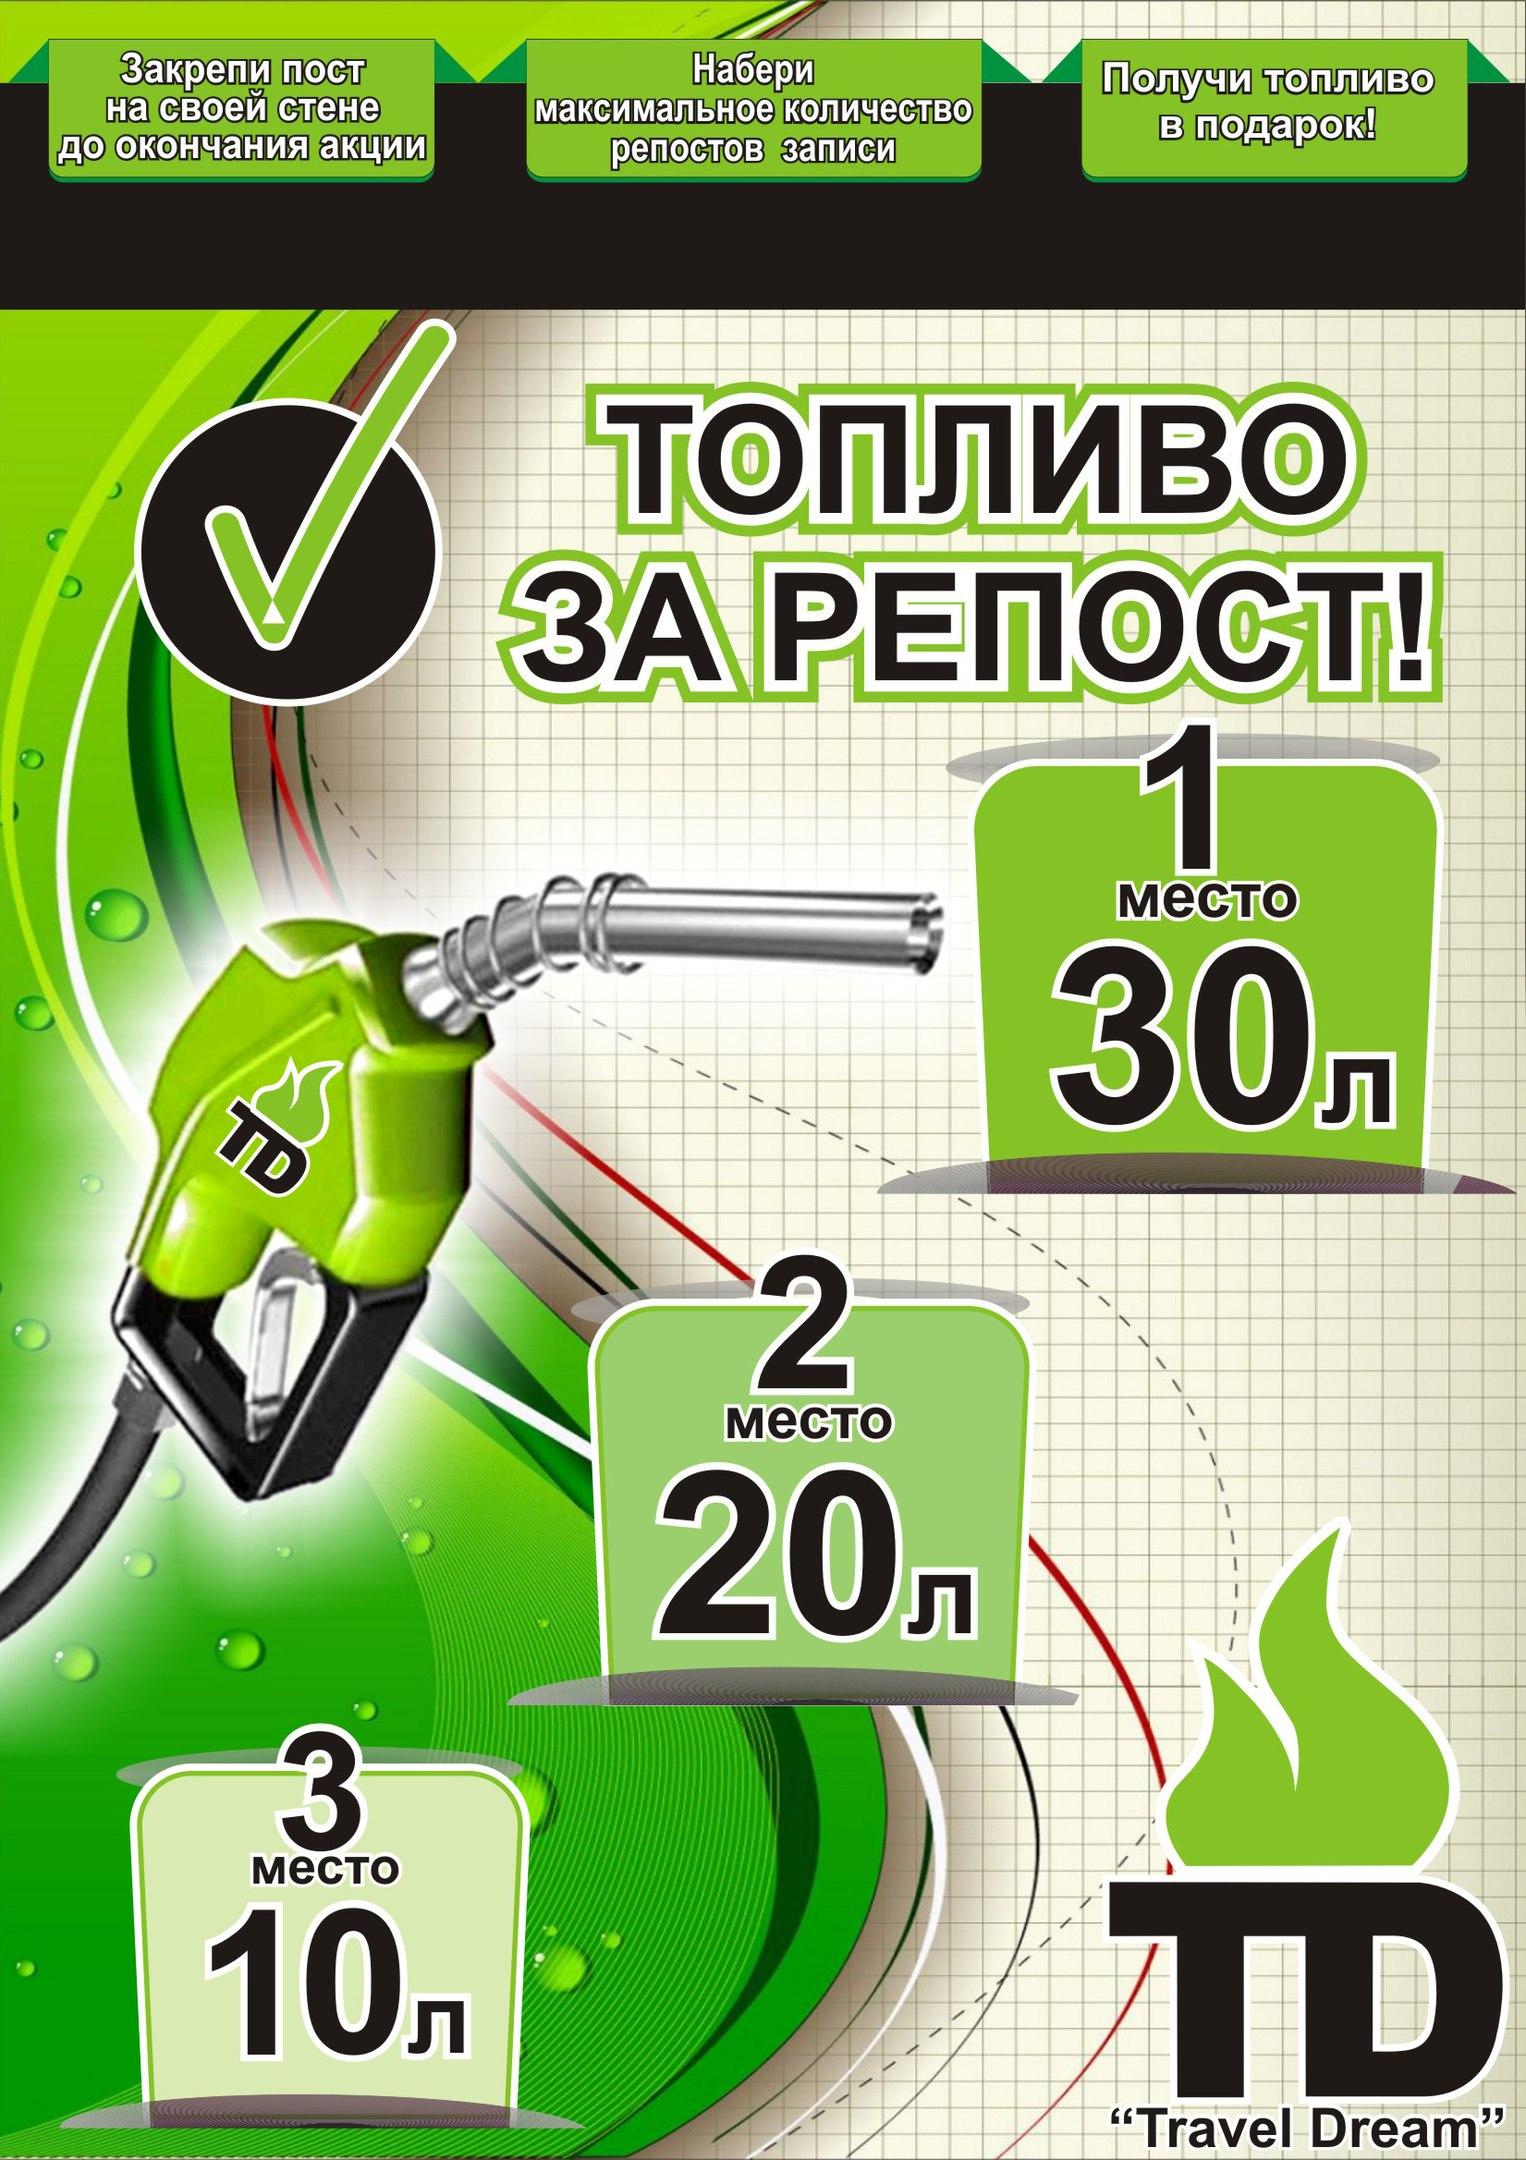 vk.com/azs_td Новая акция!!! ТОПЛИВО ЗА РЕПОСТ!!!